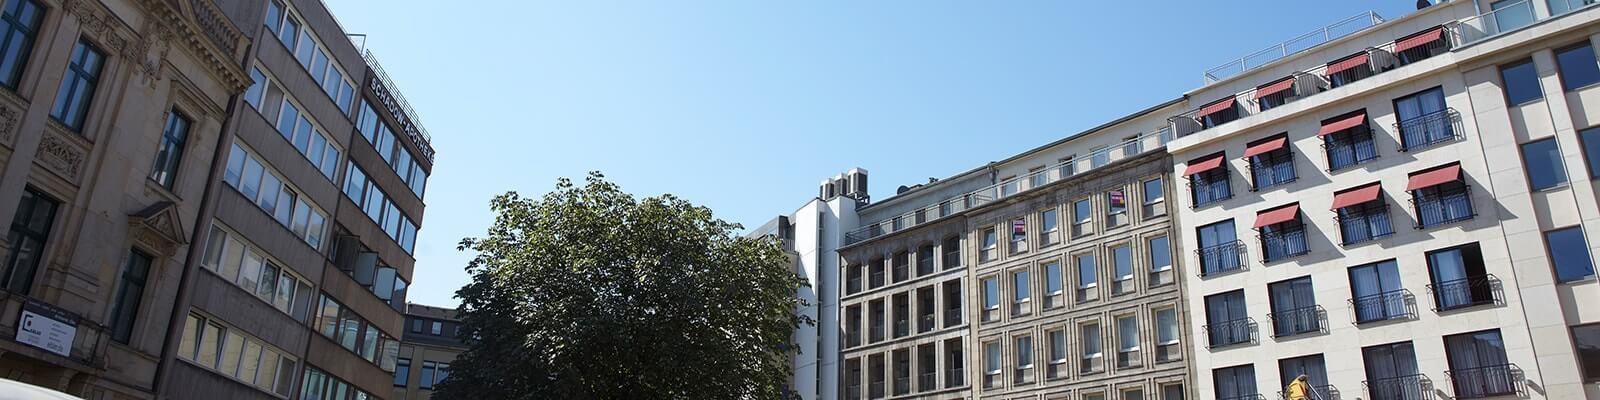 Bürogebäude der Rechtsanwälte in Düsseldorf